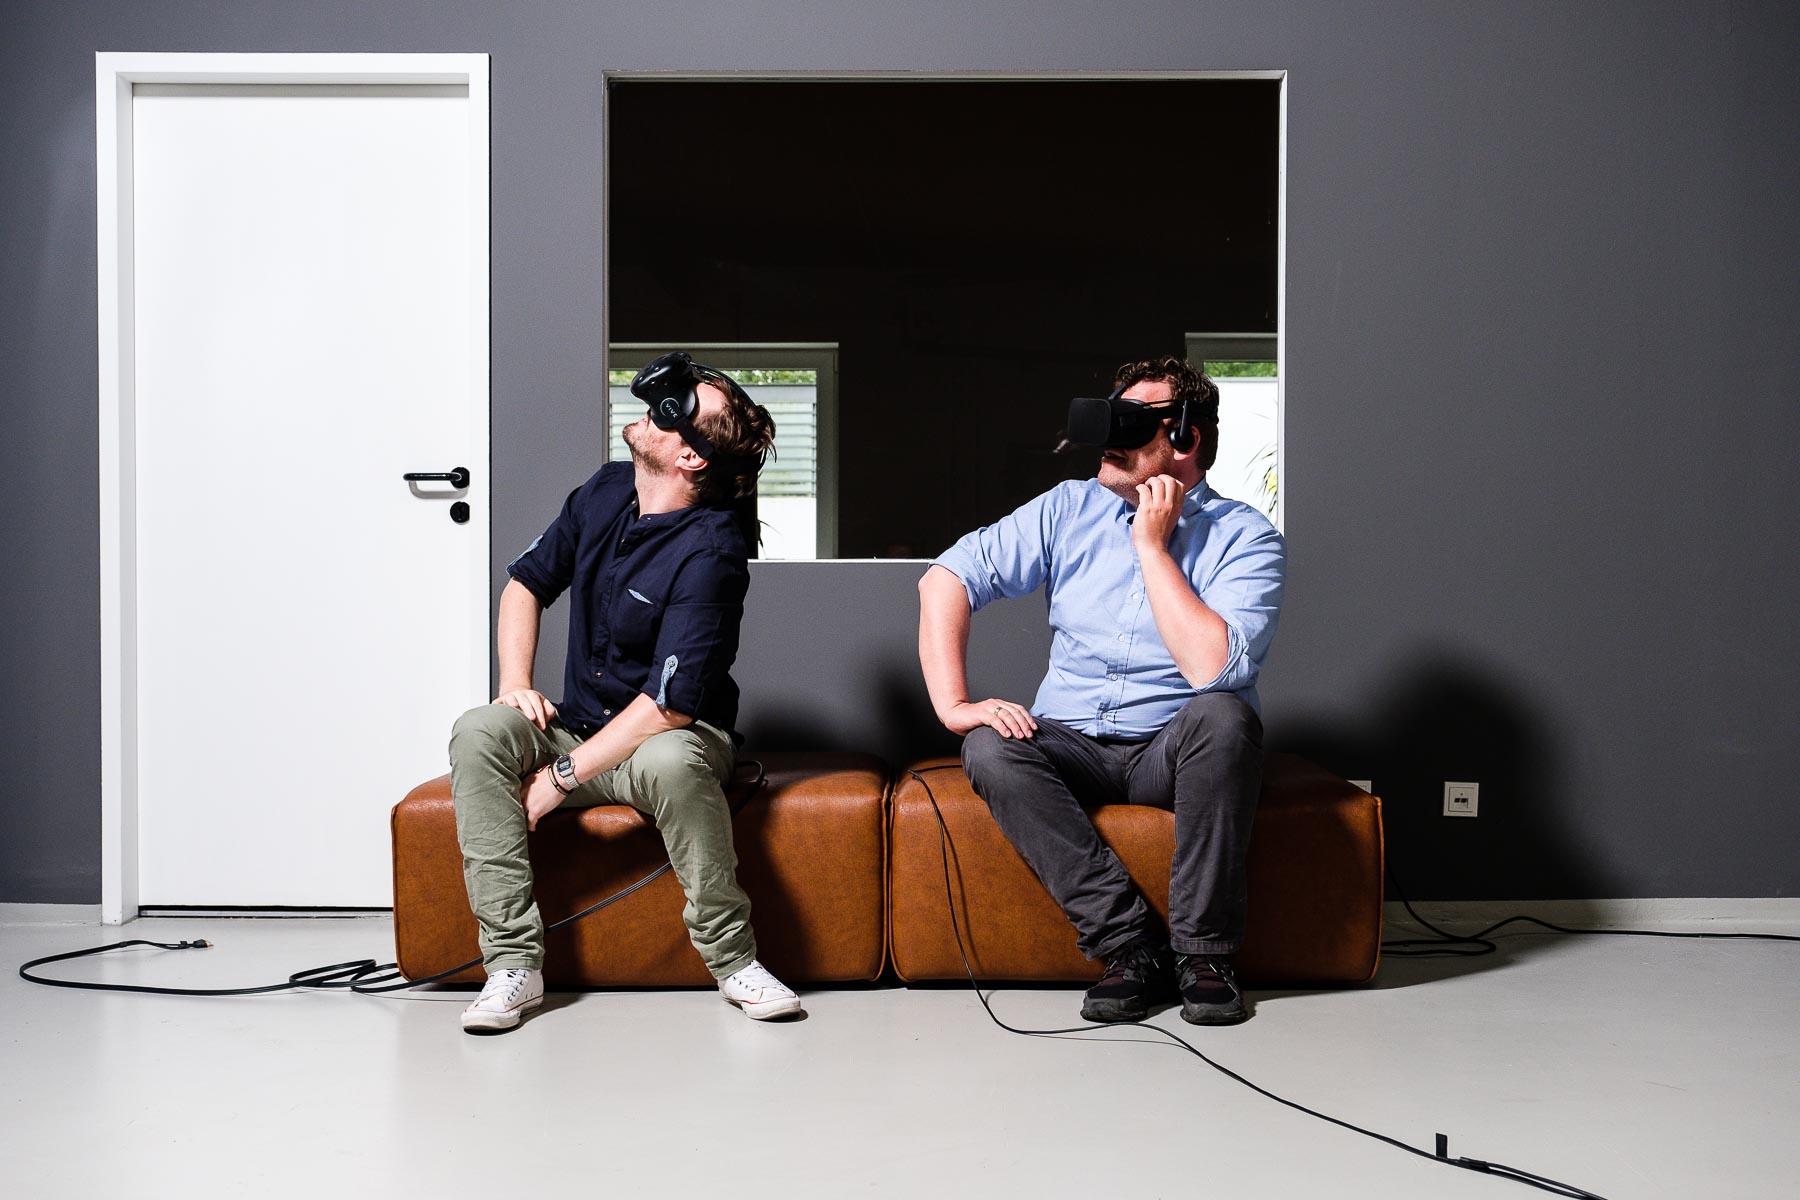 Die Virtualisierer von A4VR Jan Thiel und Michael Albrecht